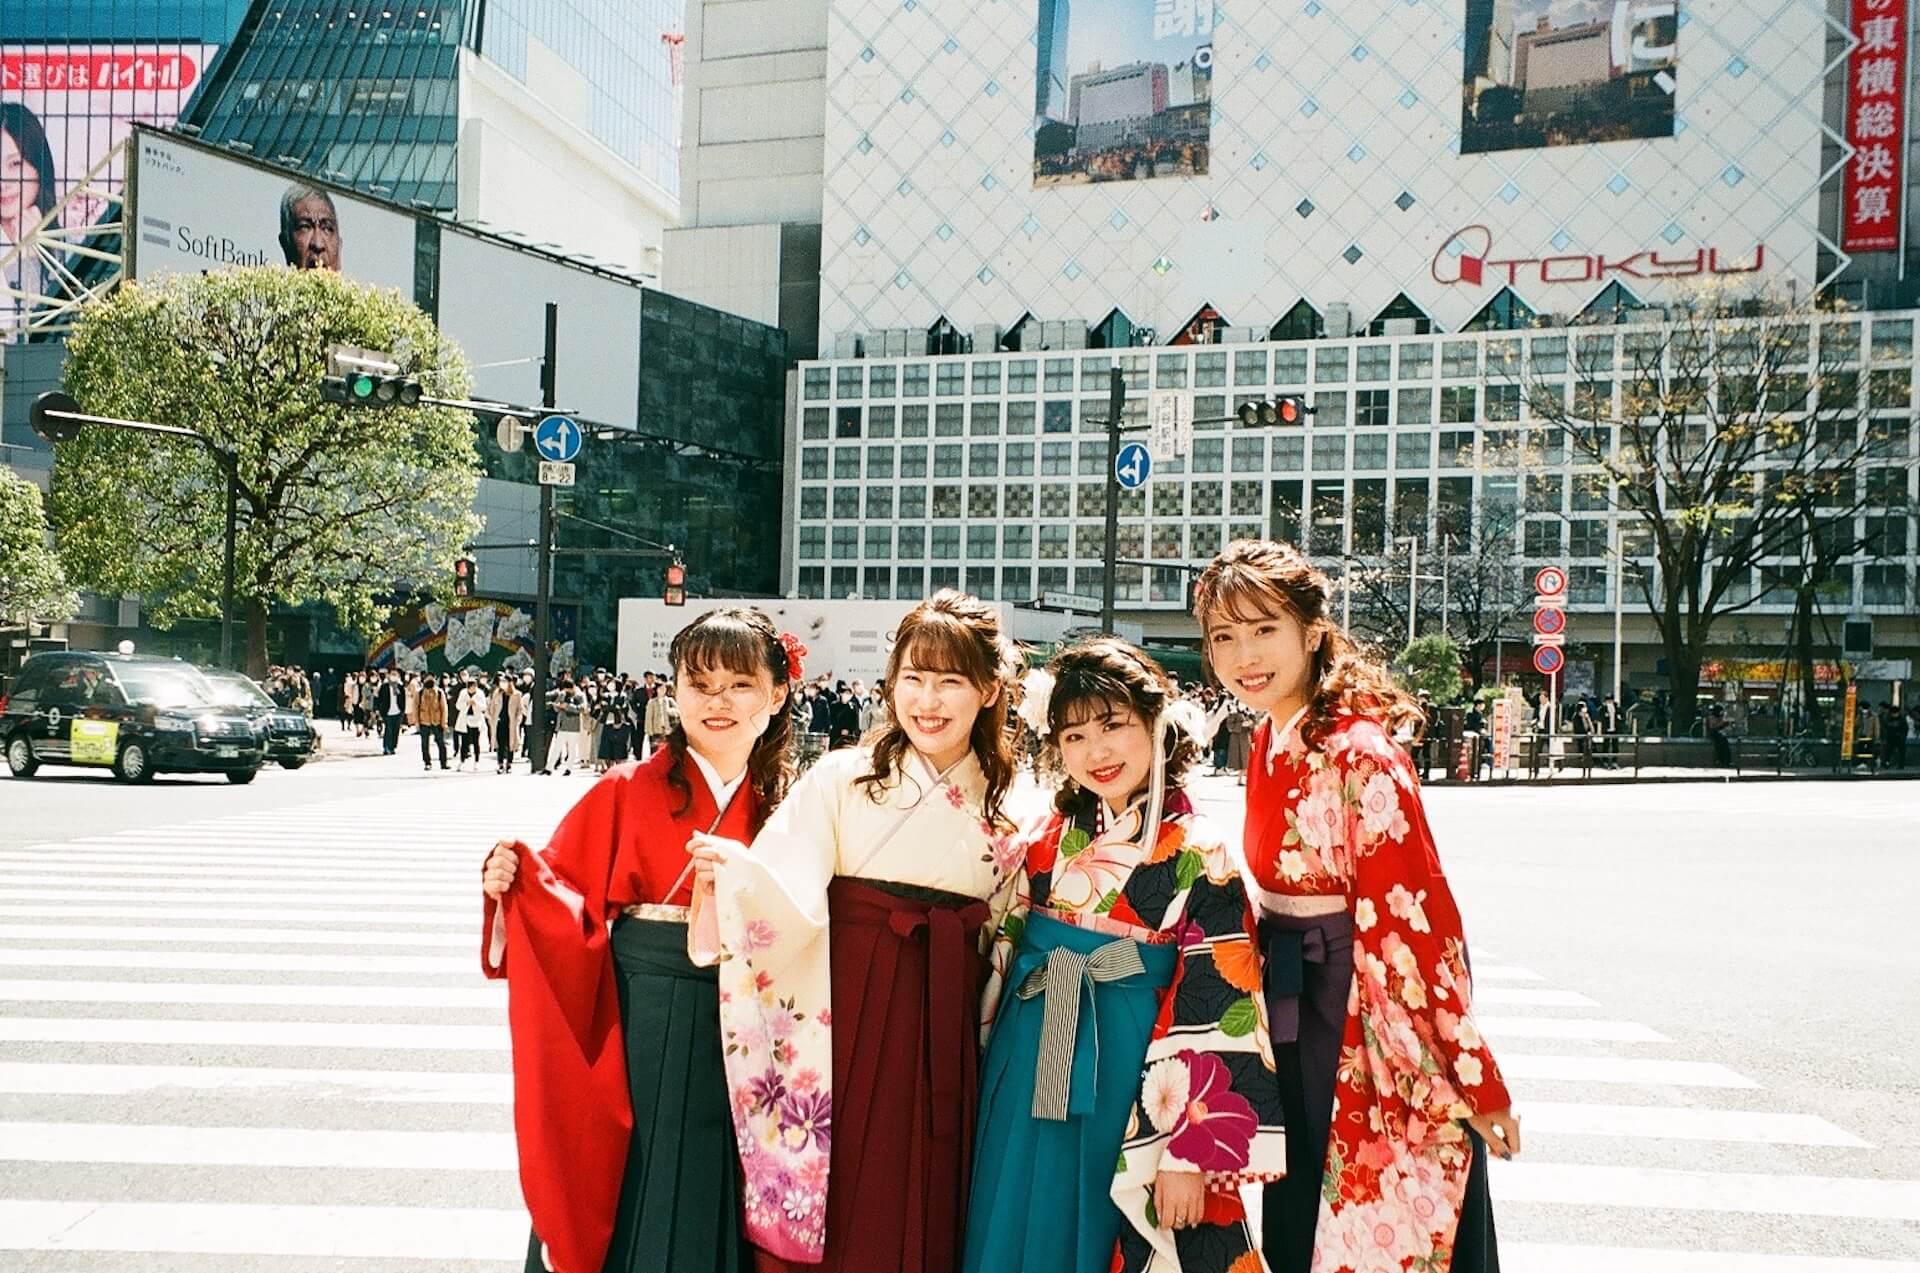 はなむけしゃしん - ぶるじょあ会「渋谷は日本のTOKYO」 art200415_hanamukeshashin5_43